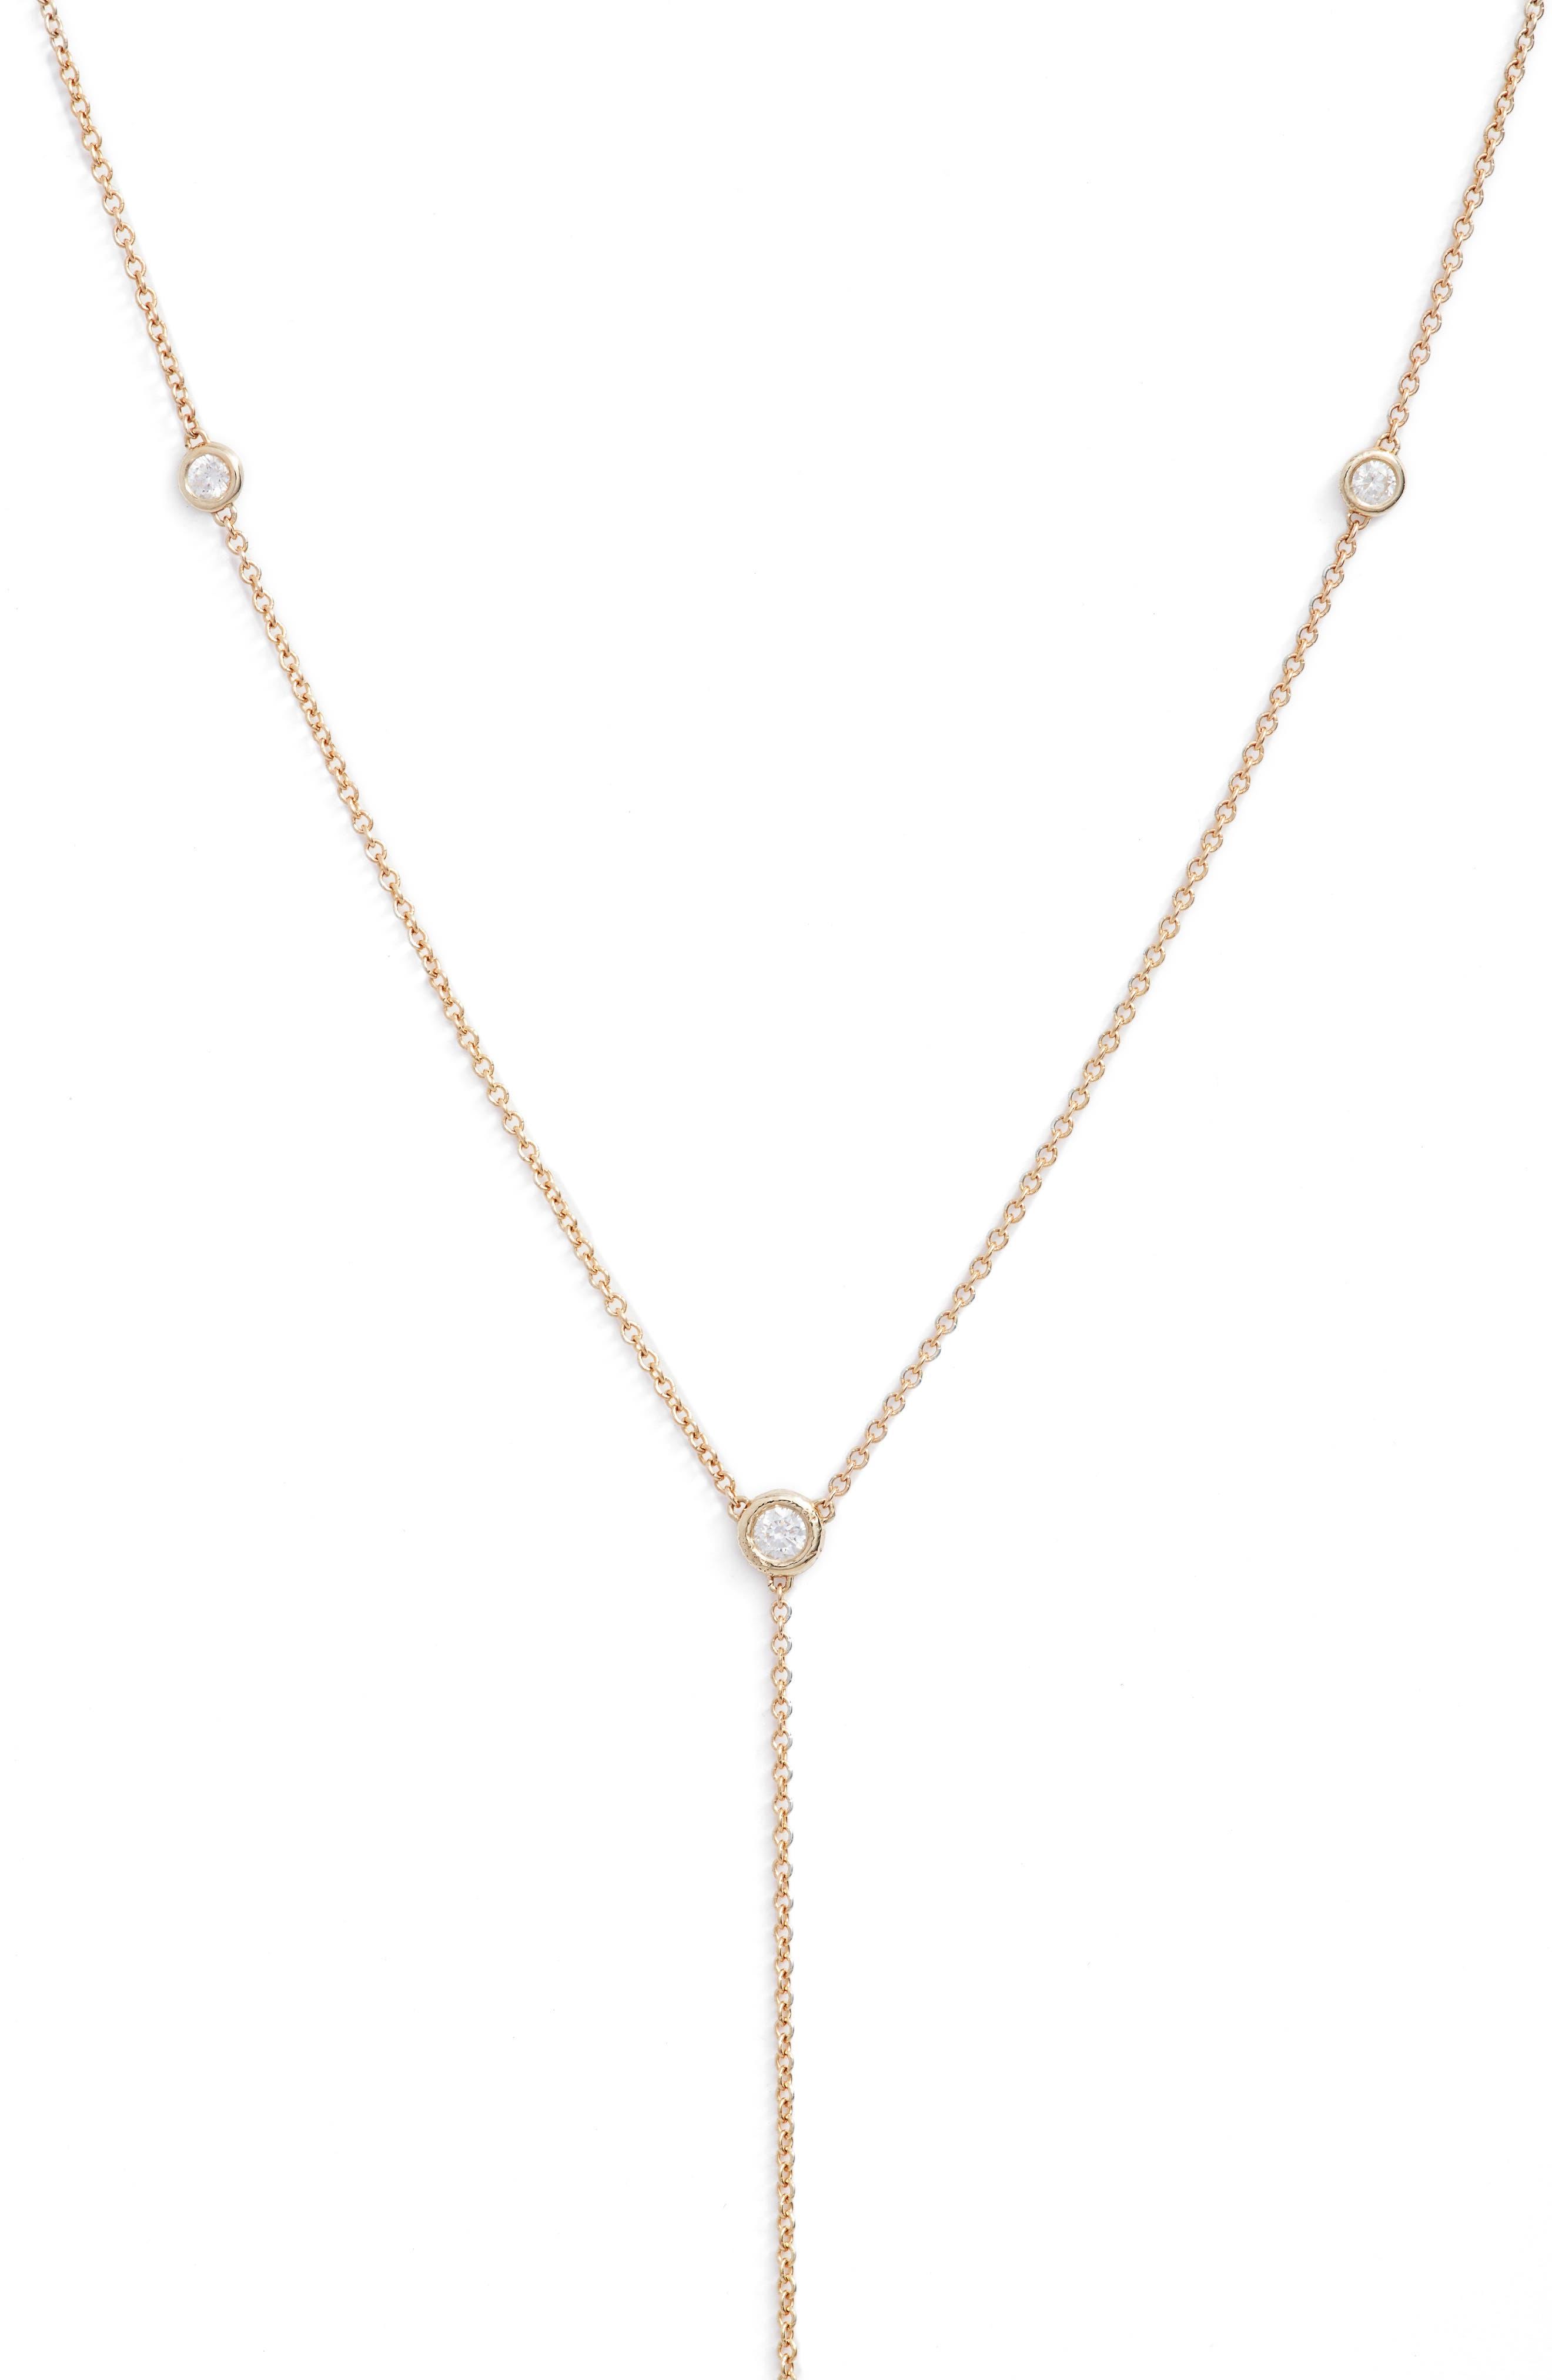 Zoë Chicco Scattered Diamond Bezel Y-Necklace